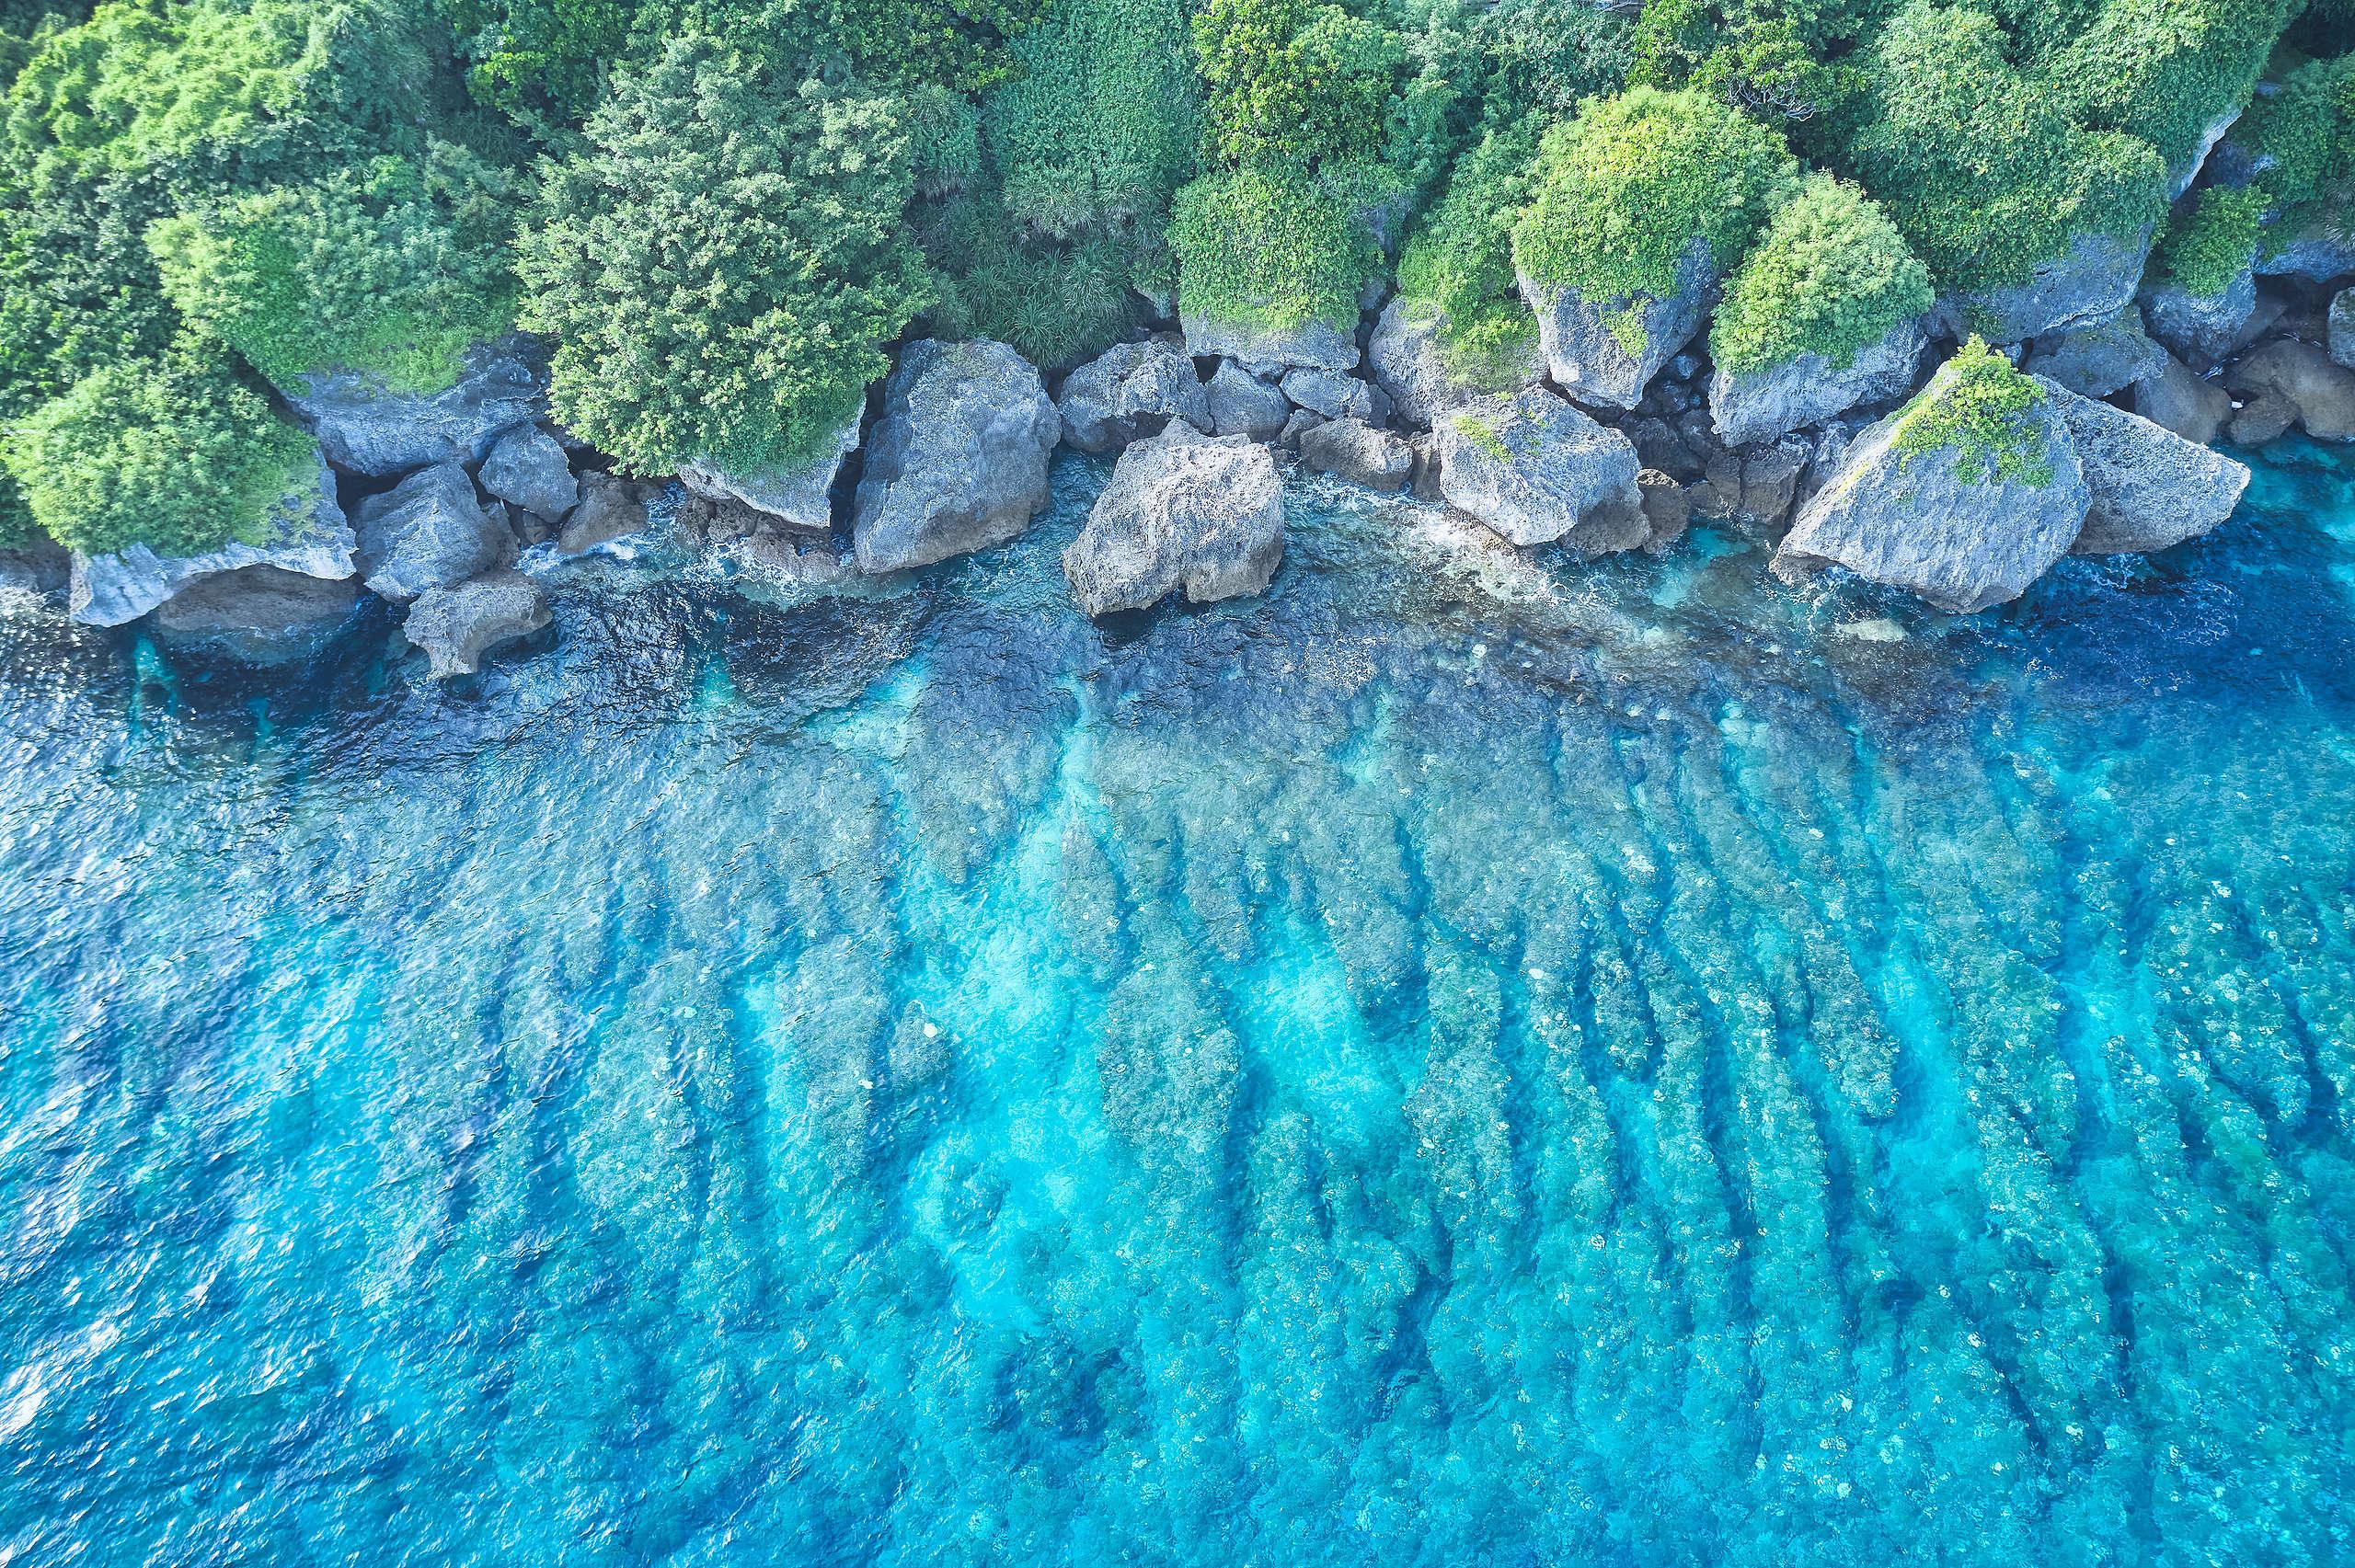 臺灣四周環海,大海的資源與我們息息相關,更需要確實地守護海洋資源。